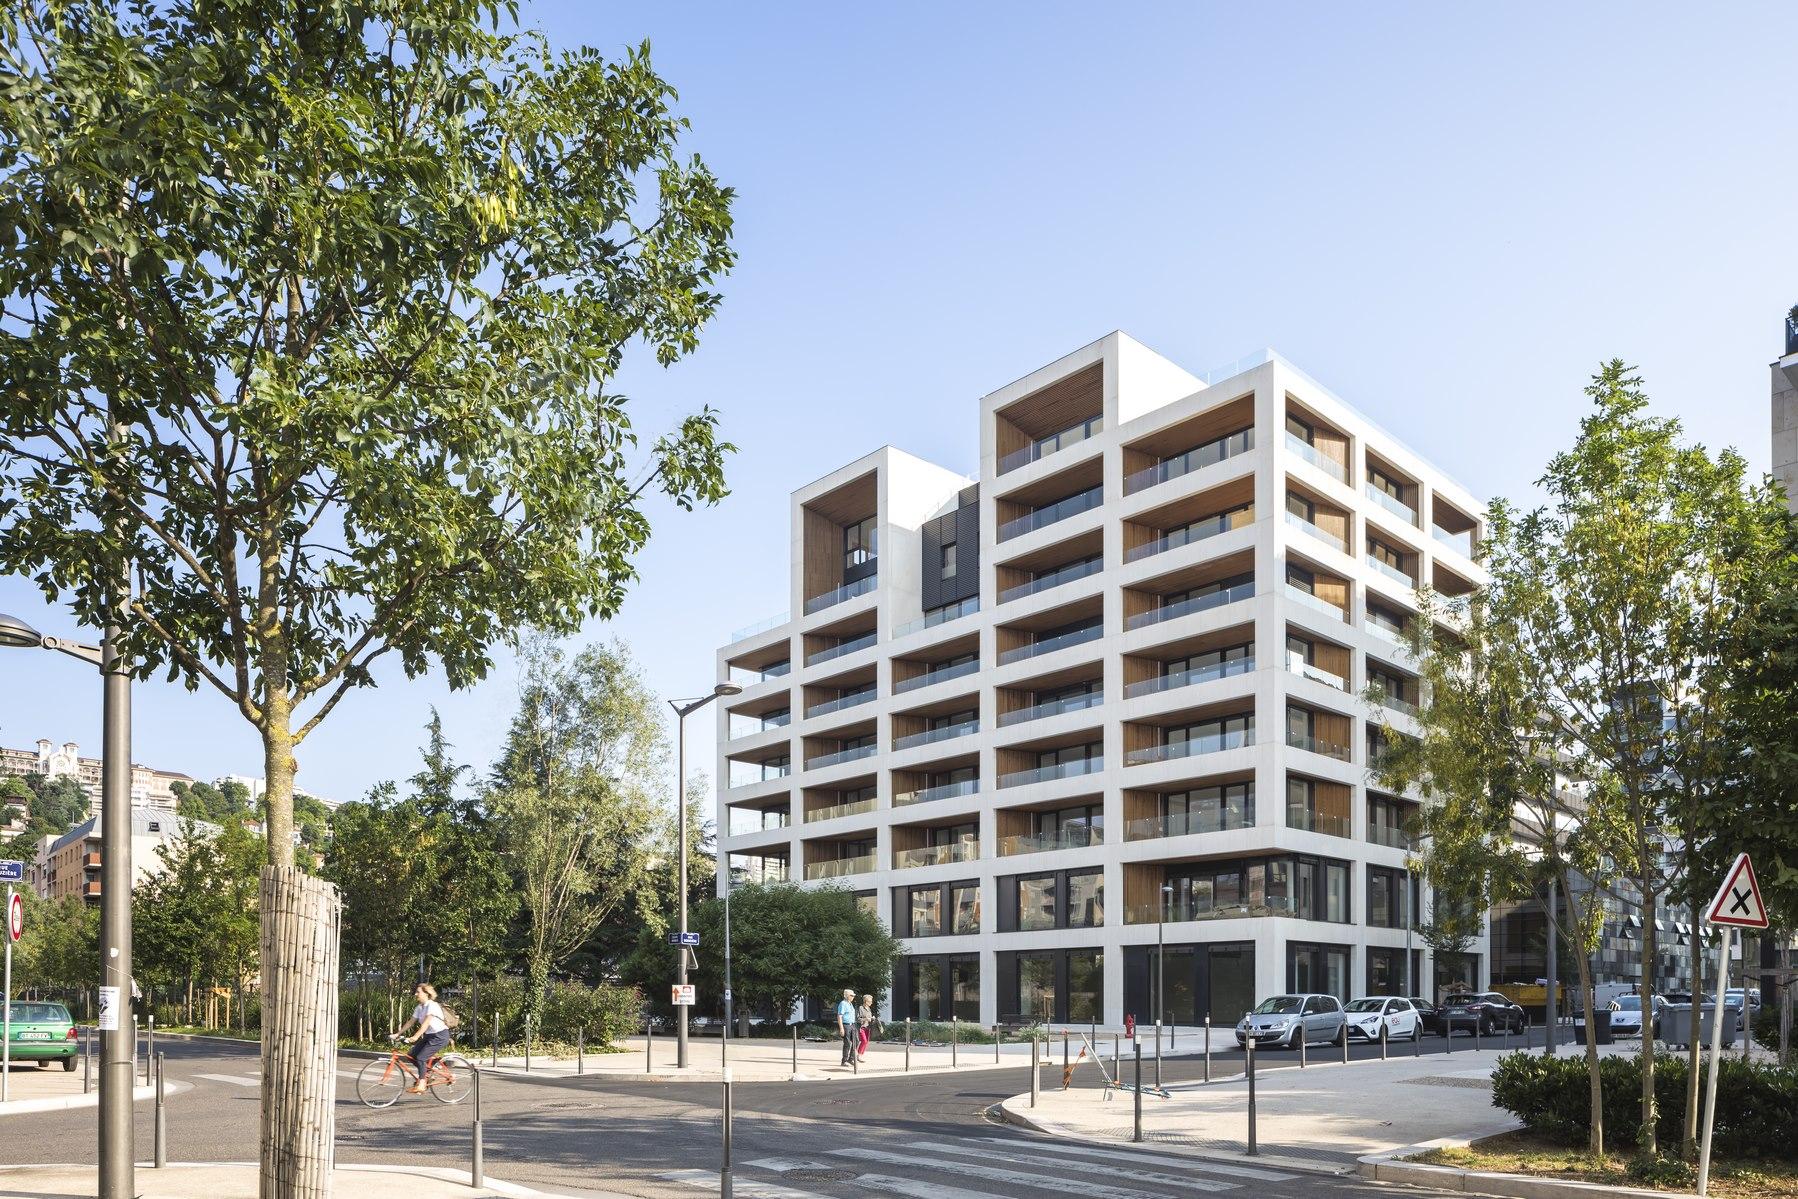 Ilot G / Les Loges de Saone - Lyon confluence : façade sur rue - Z Architecture